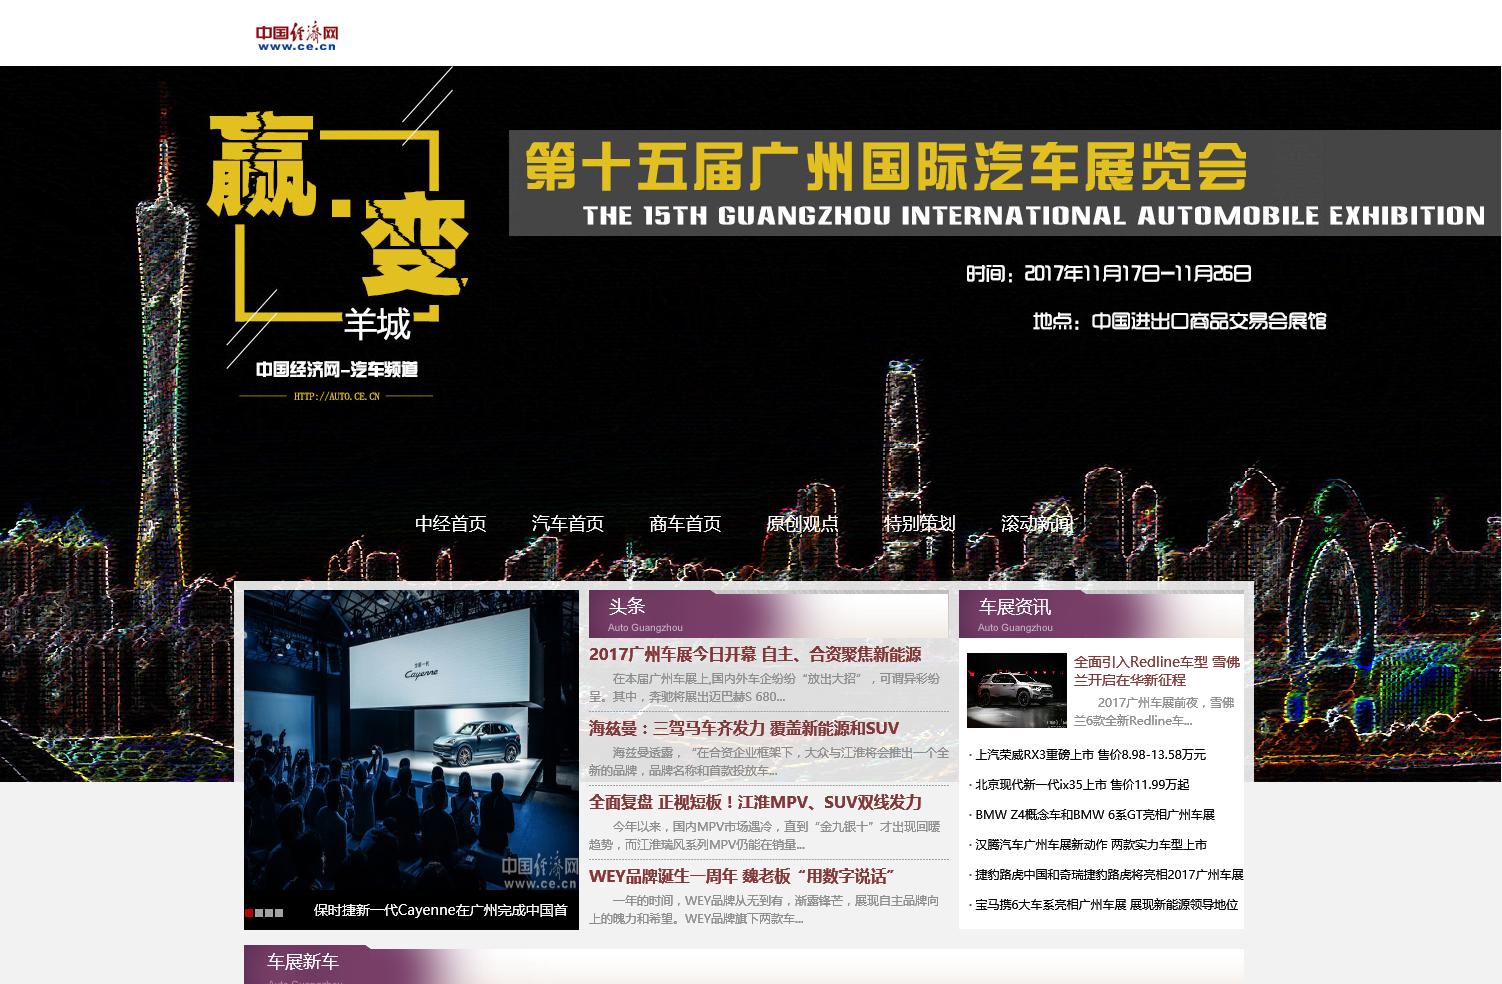 2017年广州车展 _中国经济网.png